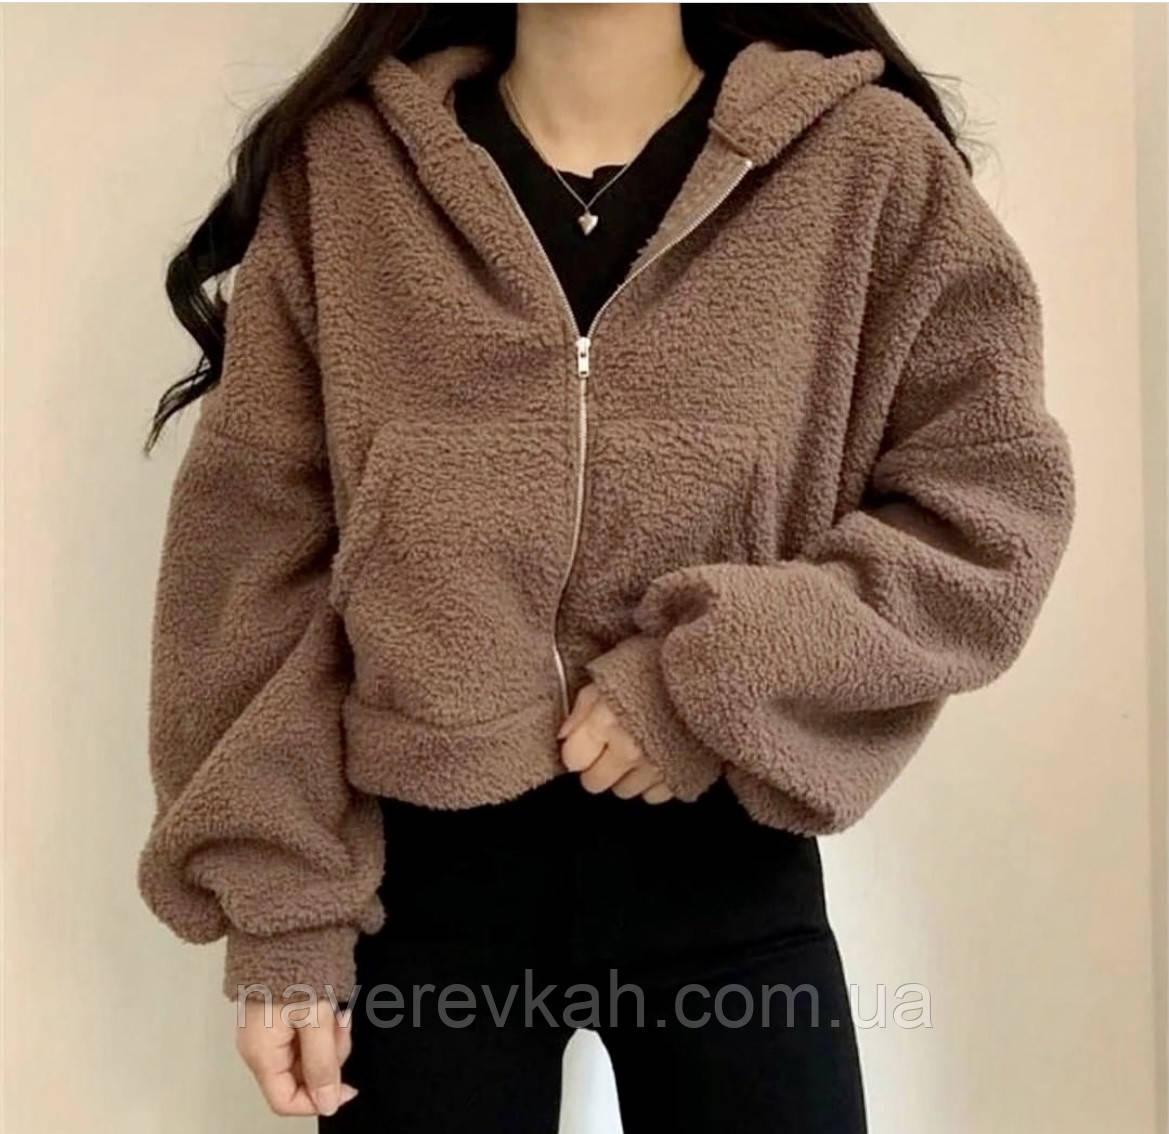 Женское зимнее худи на меху супер теплое 42-46 оверсайз молочное мокко тедди с капюшоном кофта на молнии хит